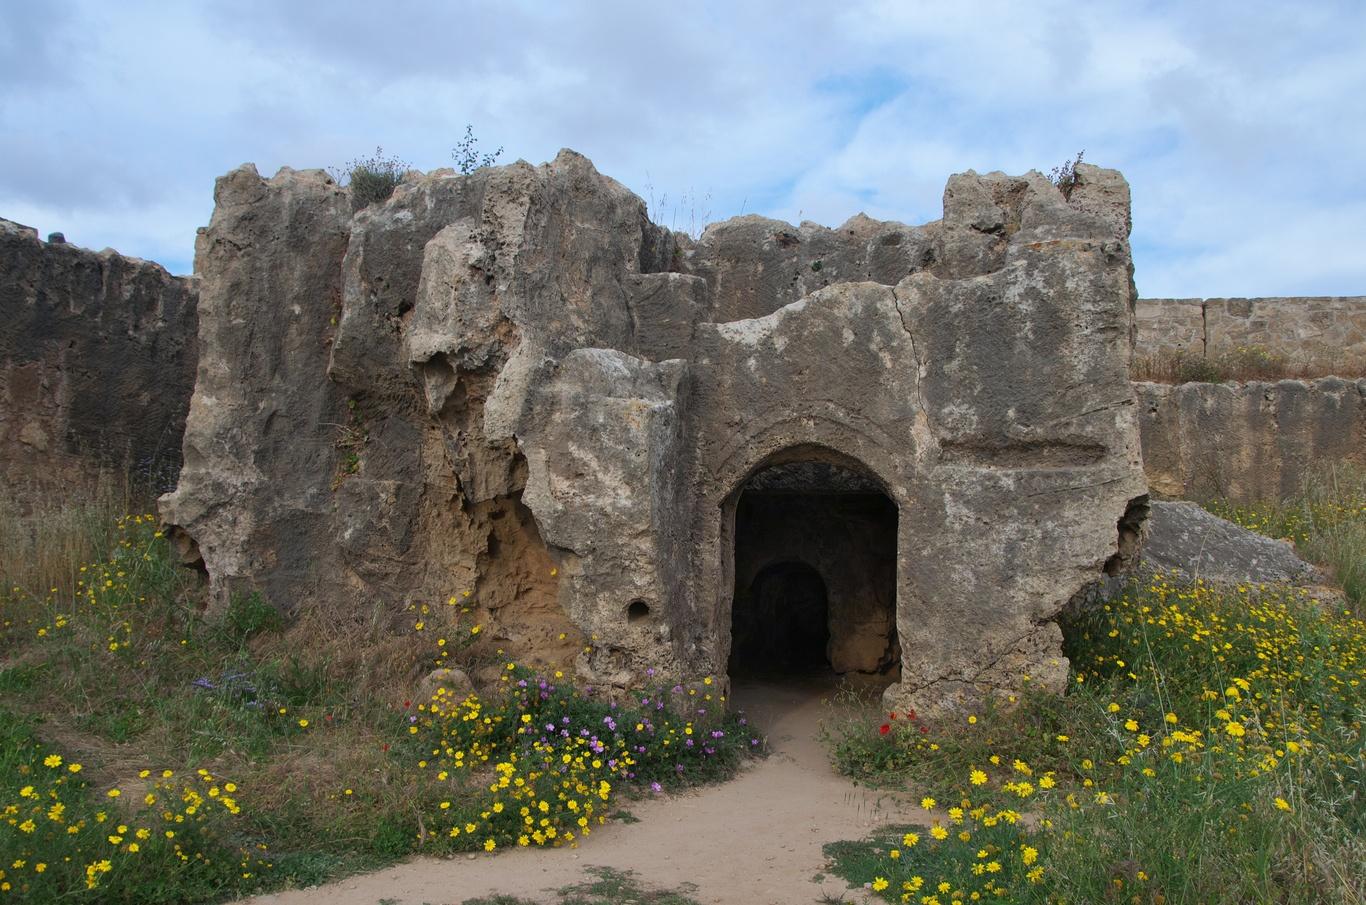 Archeologické naleziště Hrobky králů (Tombs of the Kings)